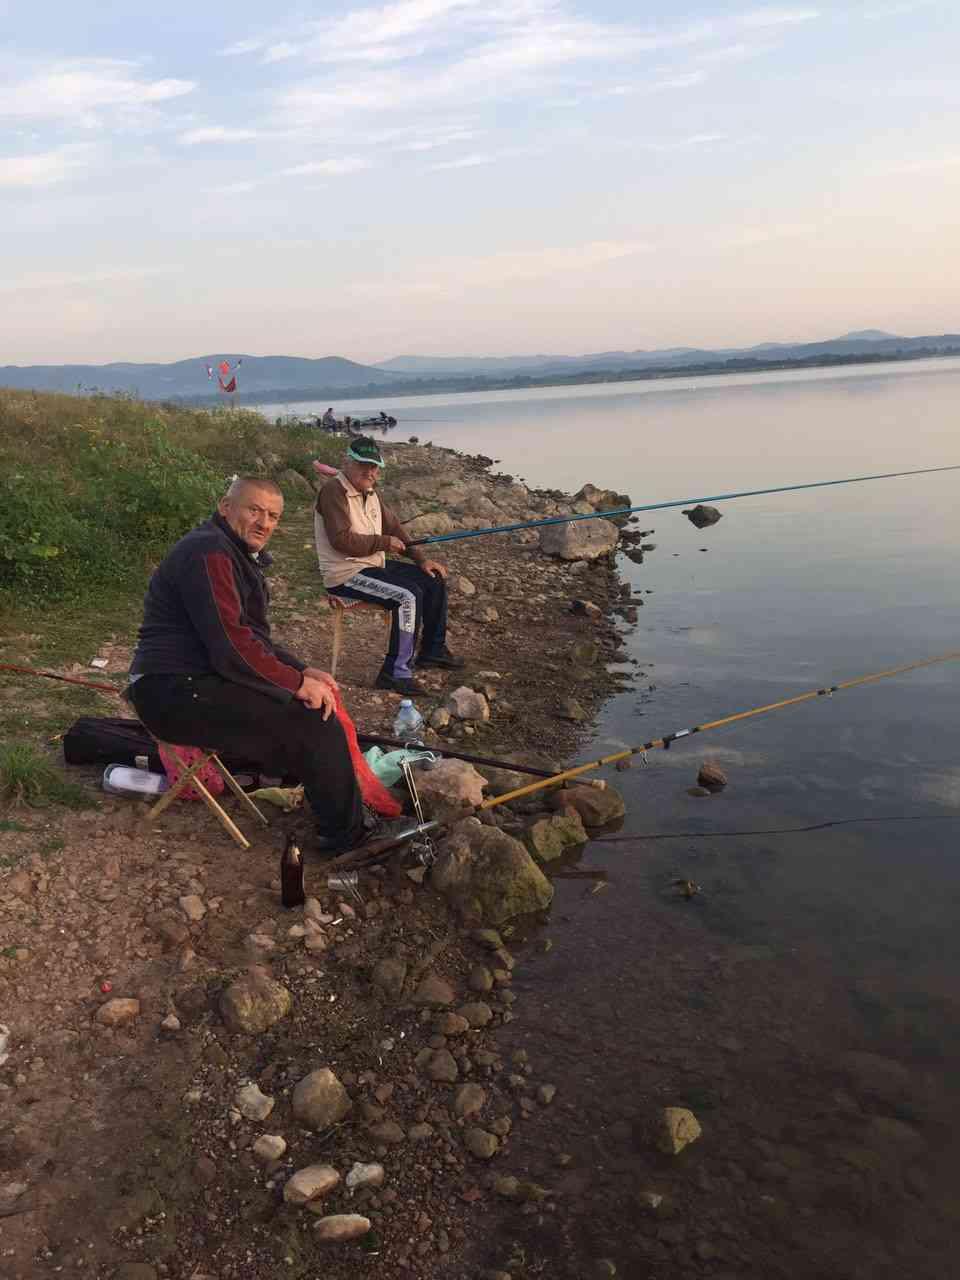 Риболовачка секција корисника ГЦ Јагодина на Гружанском језеру - сл. 3